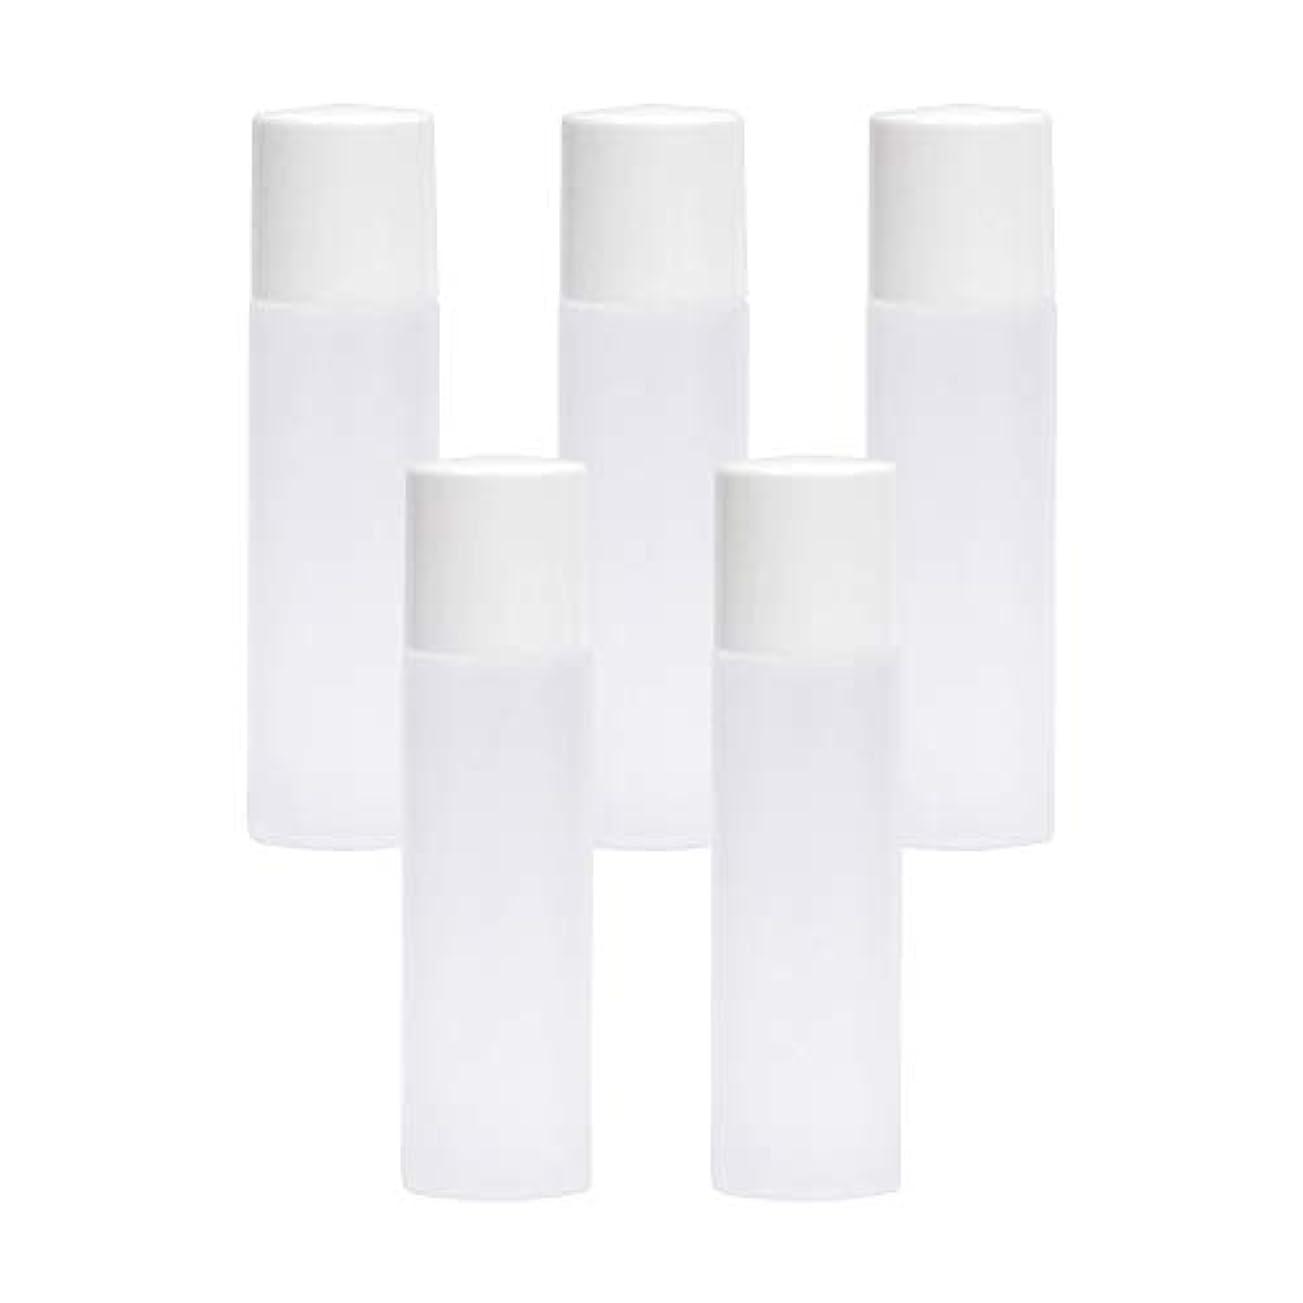 半球悲惨な金属白ボトル10ml×5本セット(中栓ノズルタイプ?キャップ付) (プラスチック容器/オイル用空瓶 プラスチック製-PET/空ボトル)